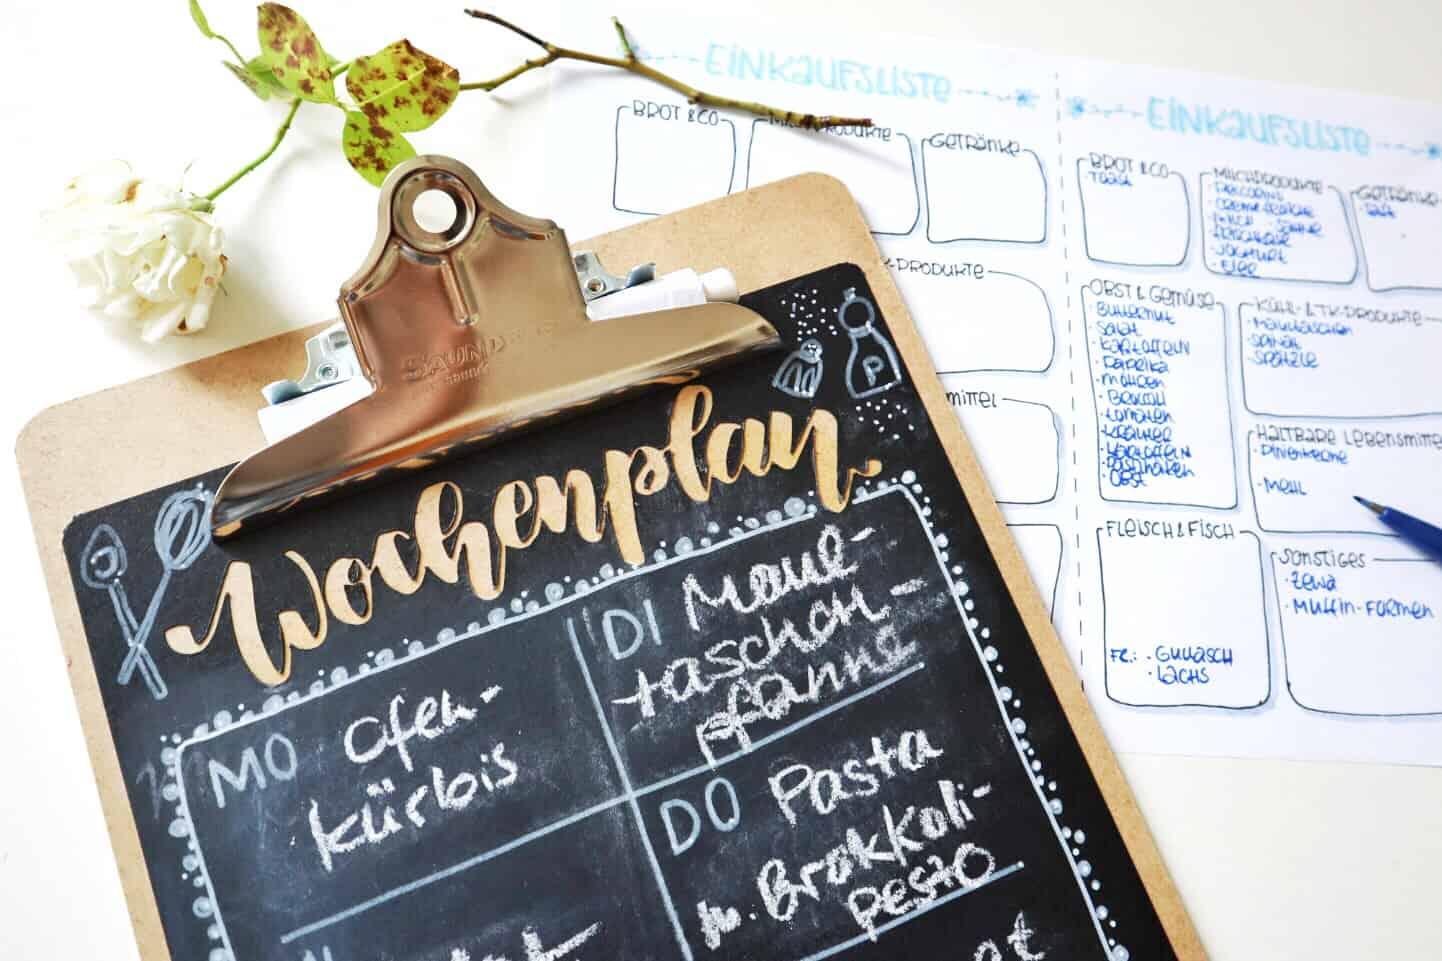 Tafelkarton, Silhouette, Fotokarton, Kreidetafel, Plotten, Plotterdatei, Wochenplan, Portrait, Einkaufsliste, Vorlage, System, Kategorien, pdf, Ausdrucken, Download, Freebie, Wochenplan, Wochenkarte, DIY, Druckvorlage, kostenlos